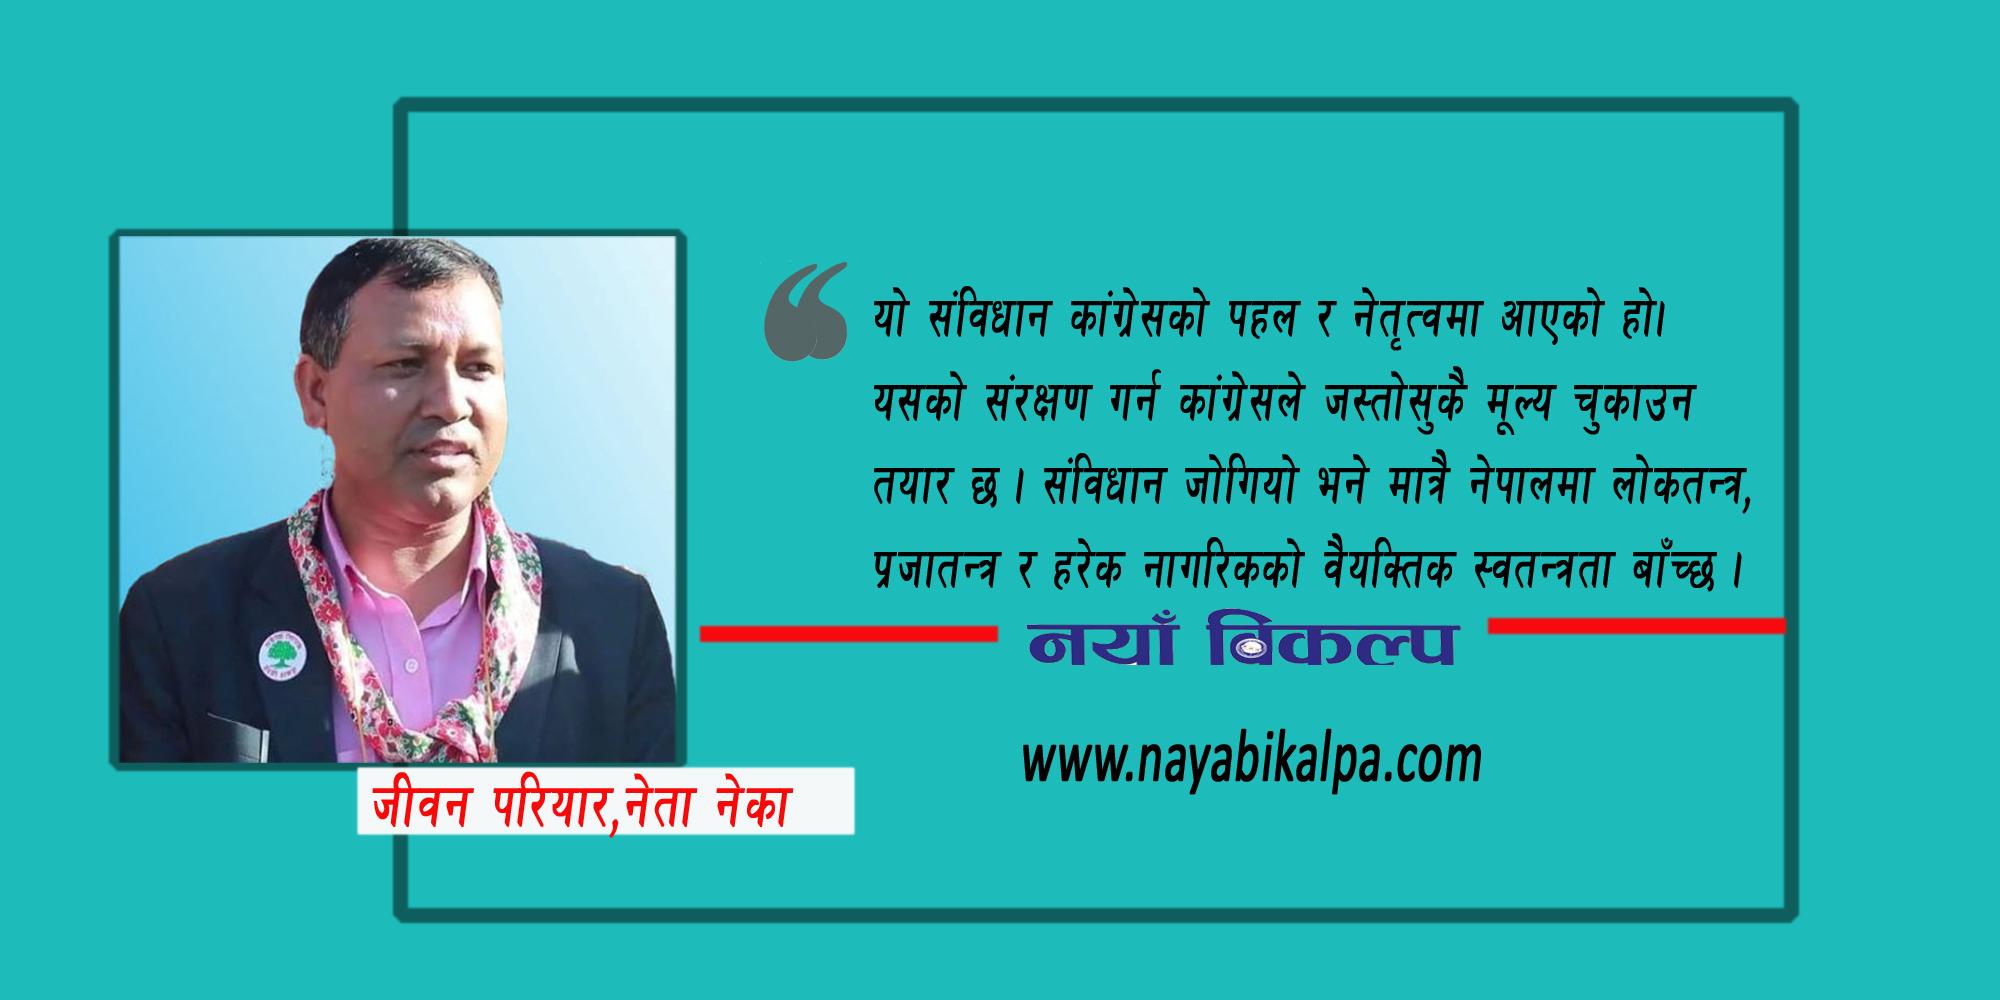 नेपाली कांग्रेसको लडाईं लोकतन्त्र र संविधान बँचाउनको लागि हो !